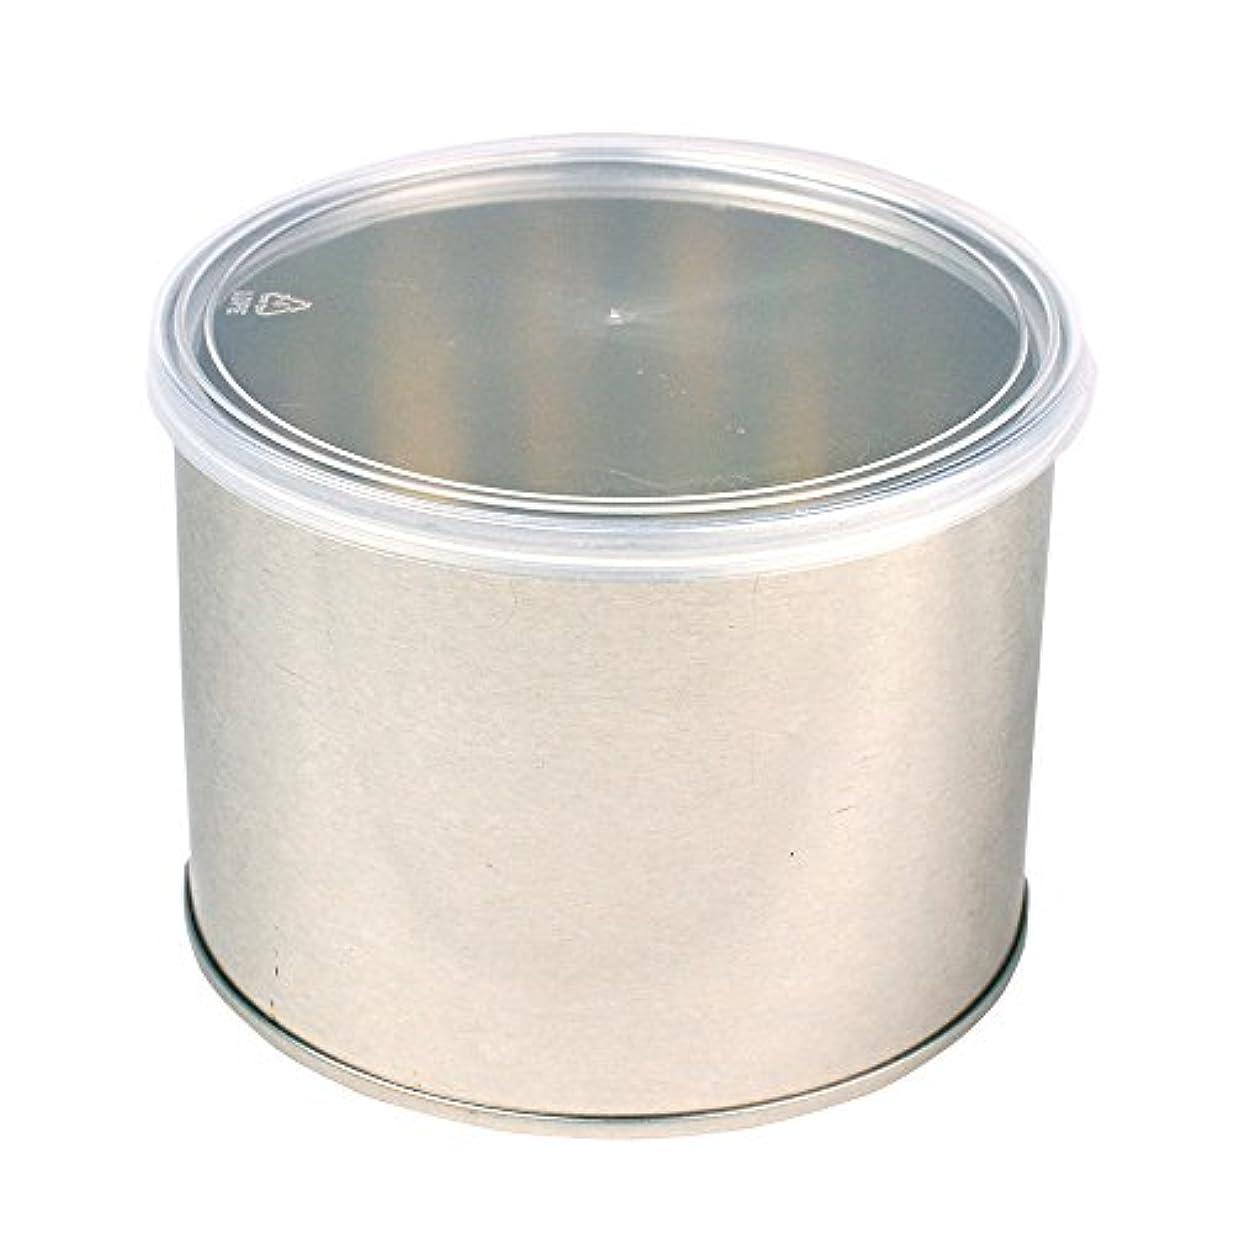 咲く疑問を超えてリンクワックス脱毛用スチール缶 ハード?ソフト両用 キャップ付 1個(032-1) ブラジリアンワックス